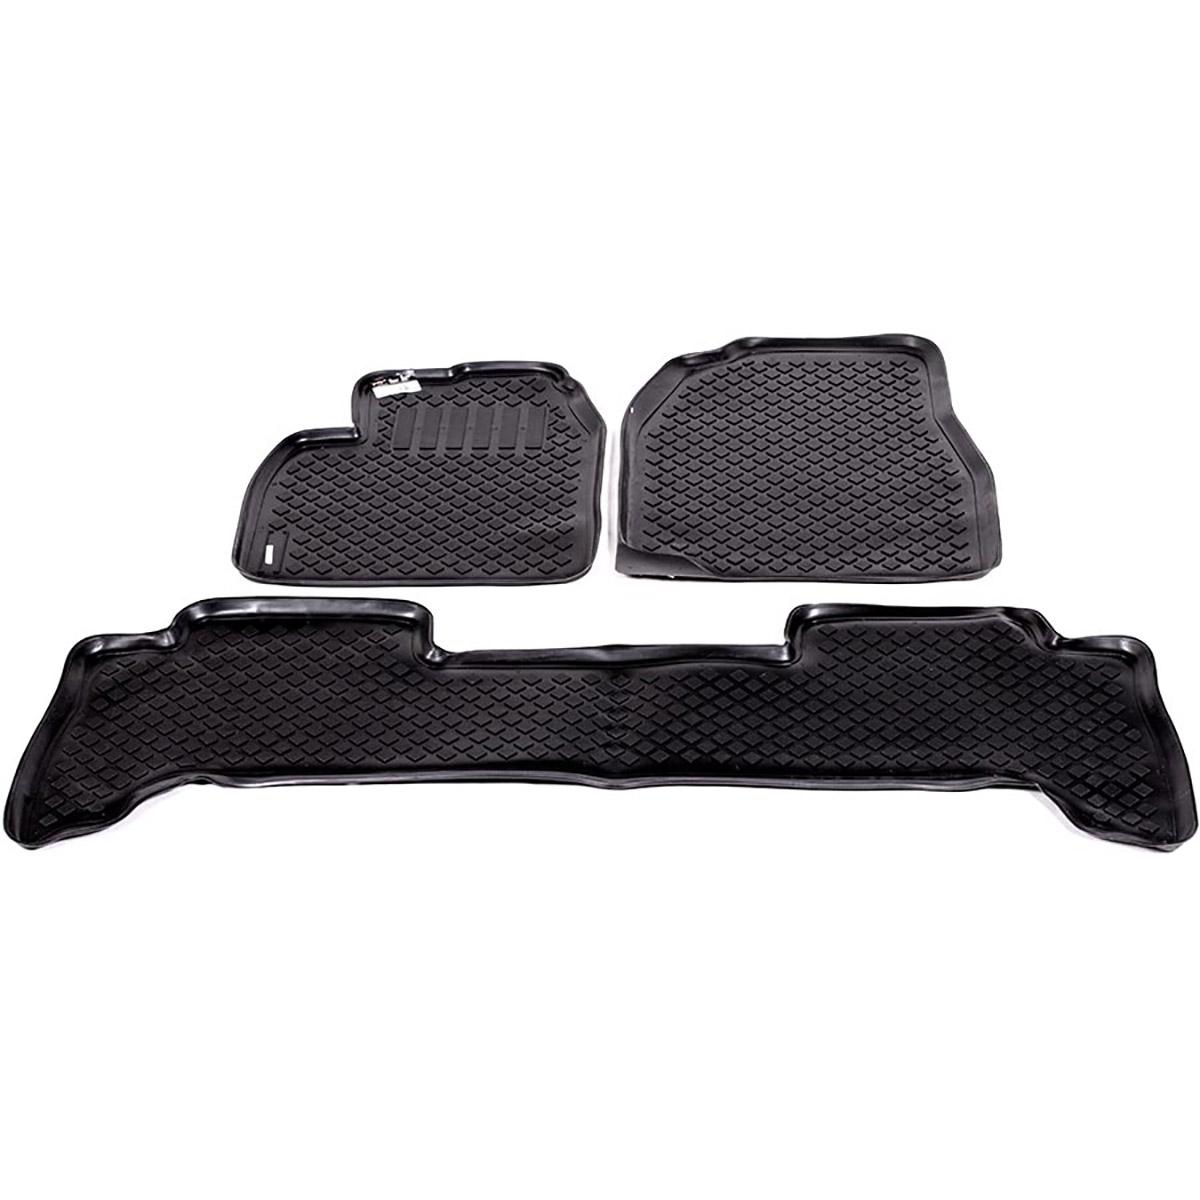 Коврики в салон Lexus LX 470 (98-07) полиуретан0228010101Коврики производятся индивидуально для каждой модели автомобиля из современного и экологически чистого материала, точно повторяют геометрию пола автомобиля, имеют высокий борт от 3 см до 4 см., обладают повышенной износоустойчивостью, антискользящими свойствами, лишены резкого запаха, сохраняют свои потребительские свойства в широком диапазоне температур (-50 +80 С)